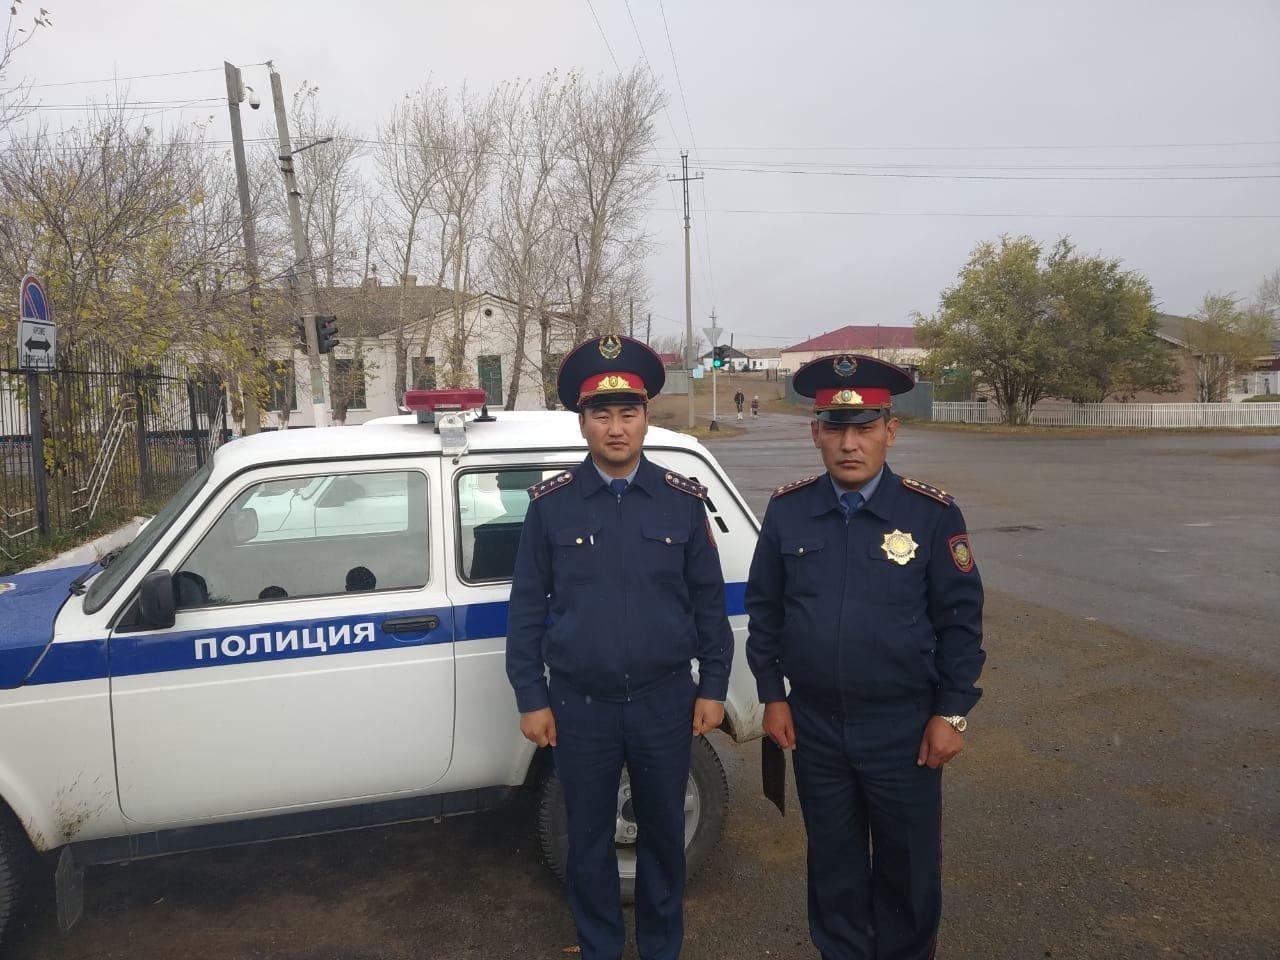 Капитаны полиции Мади Бейсембаев и Азамат Казыбаев спасли сельчанина во время пожара